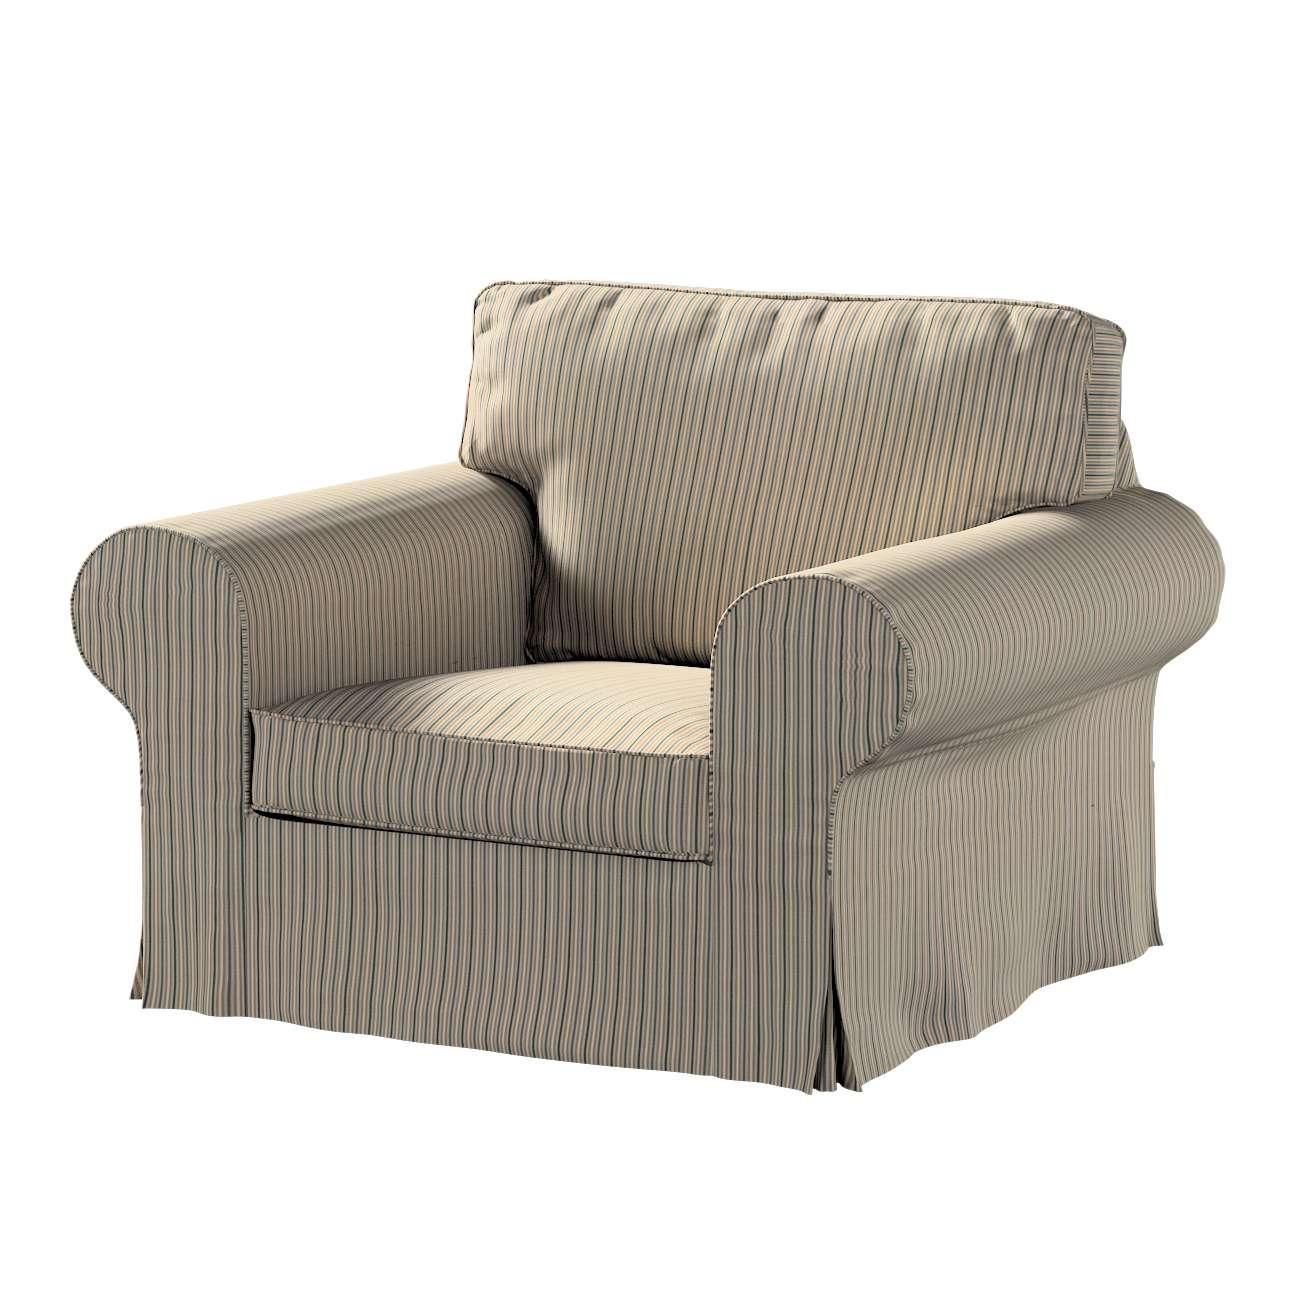 Pokrowiec na fotel Ektorp w kolekcji Londres, tkanina: 143-38